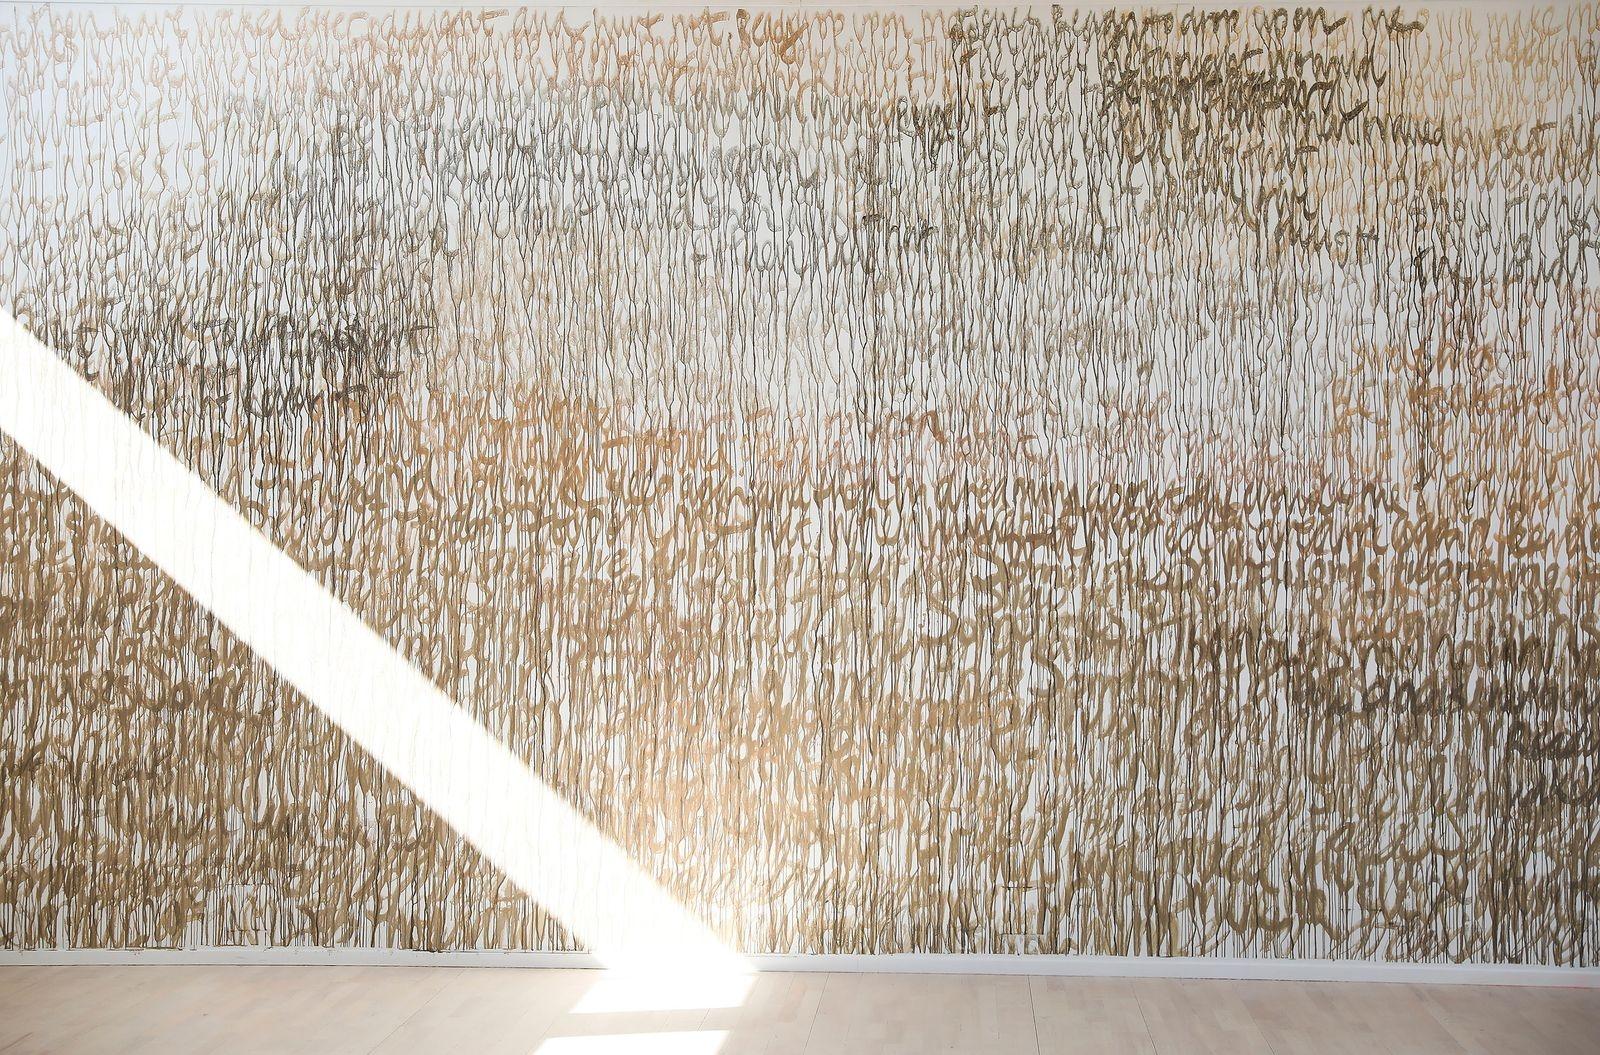 En hel vägg med texten från tredje akten, andra stycket ur The Tempest av William Shakespeare, är skriven med uppslammad lera.